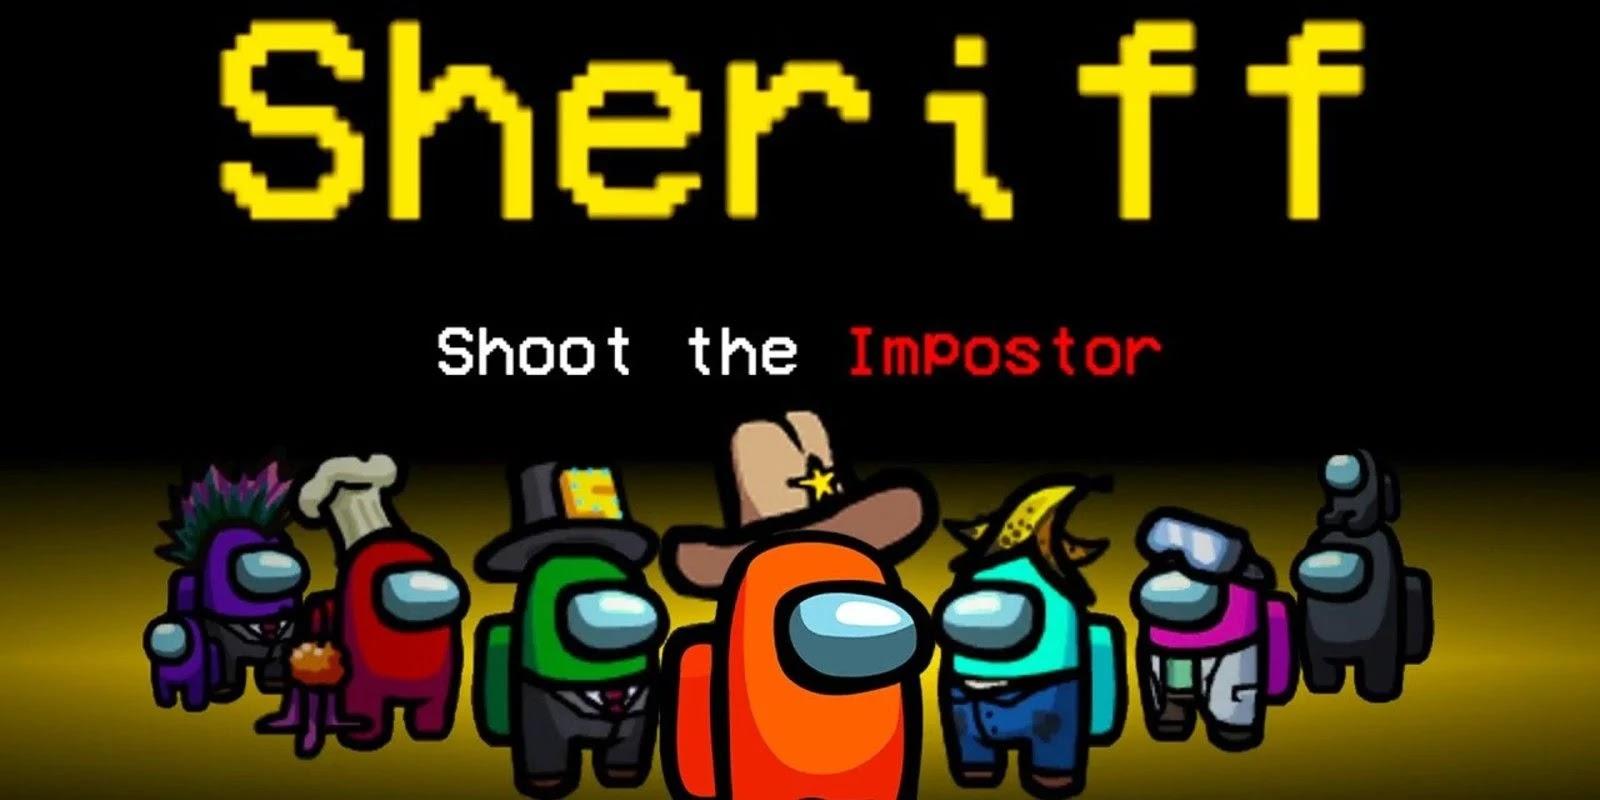 SHERIFF MOD FOR AMONG US